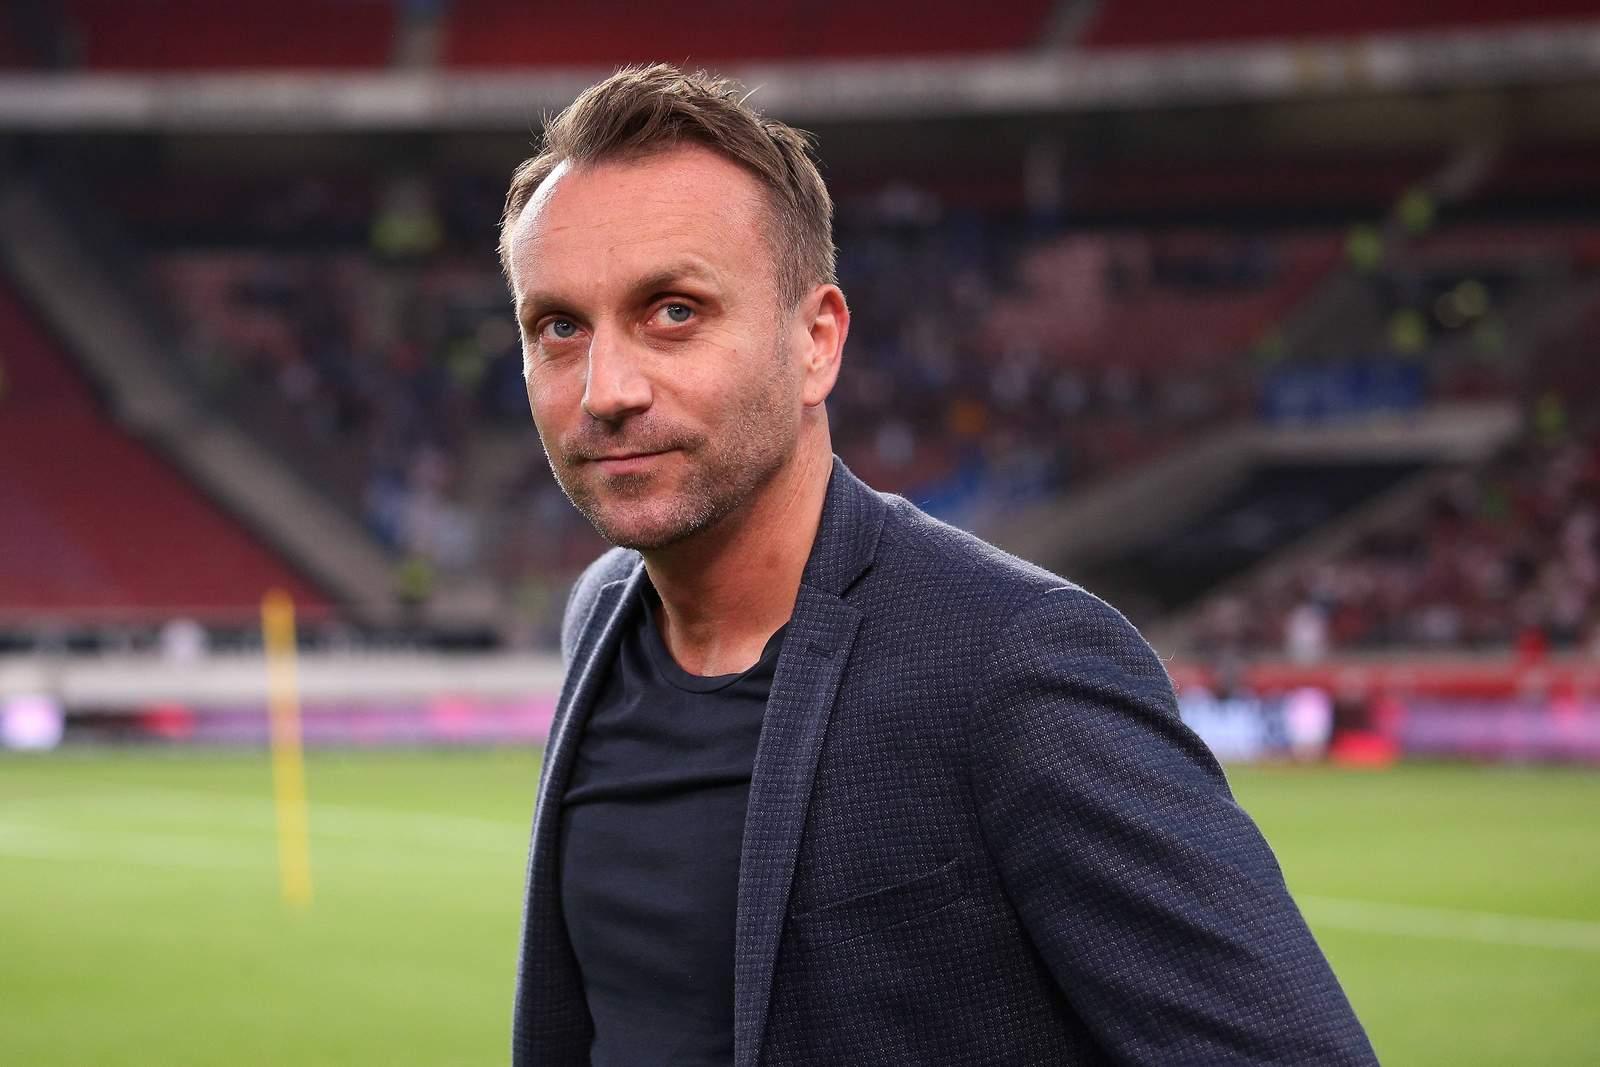 Sebastian Schindzielorz